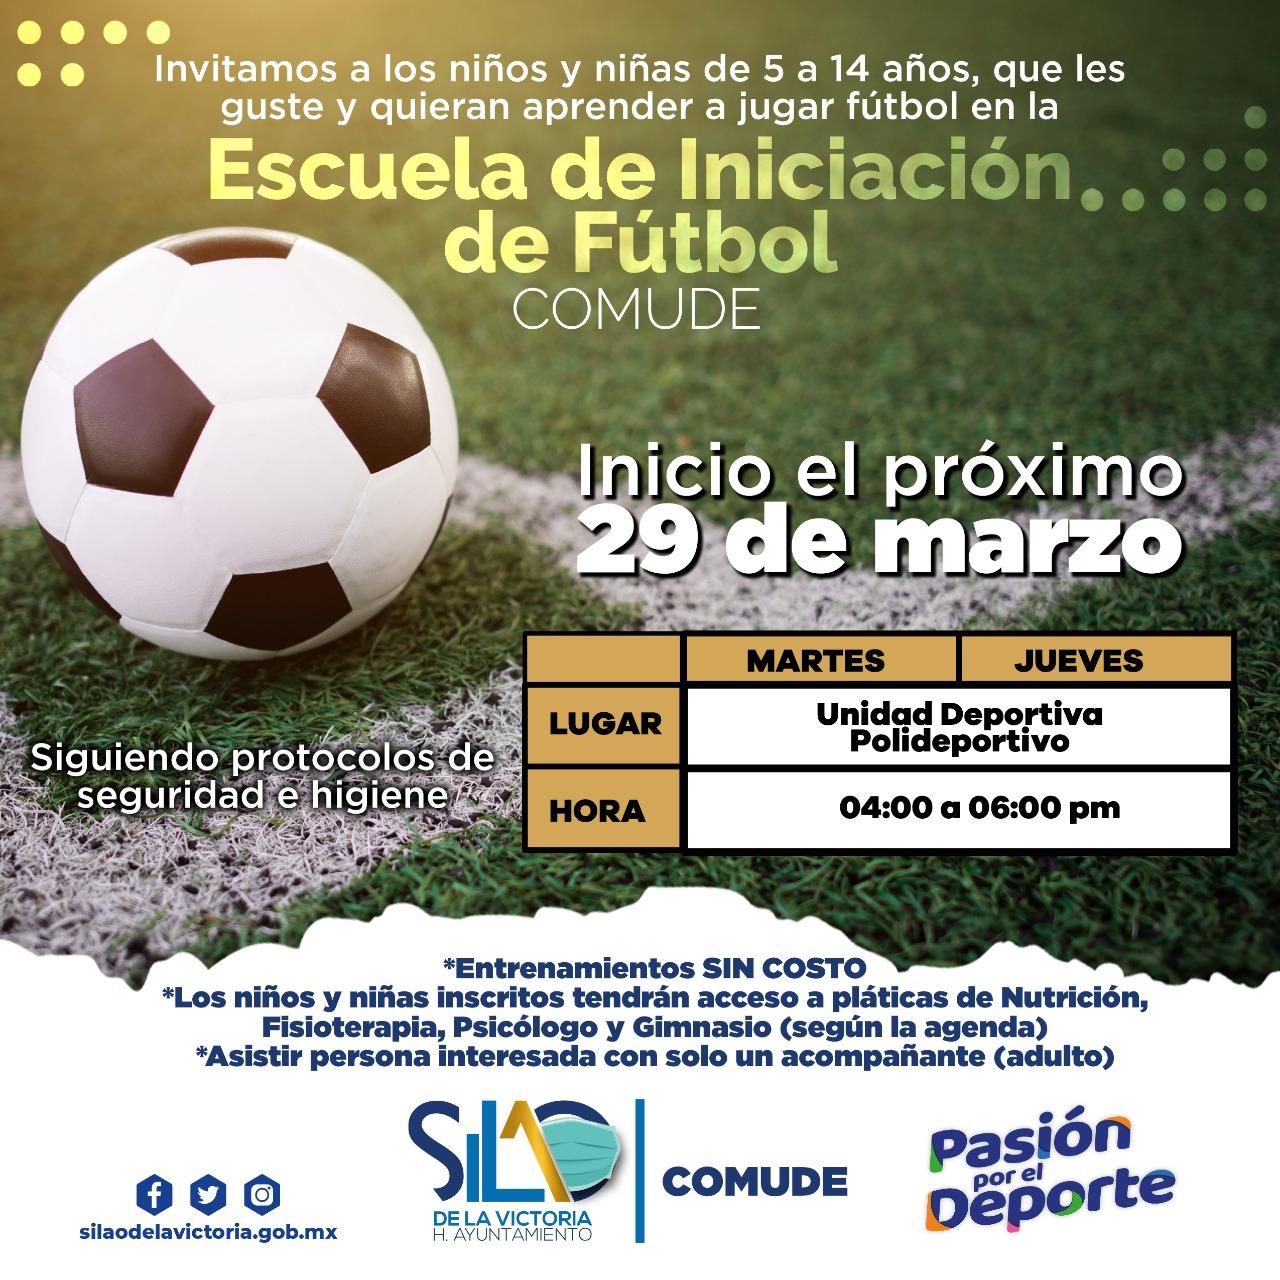 Comude invita a torneos de fútbol femenil y varonil